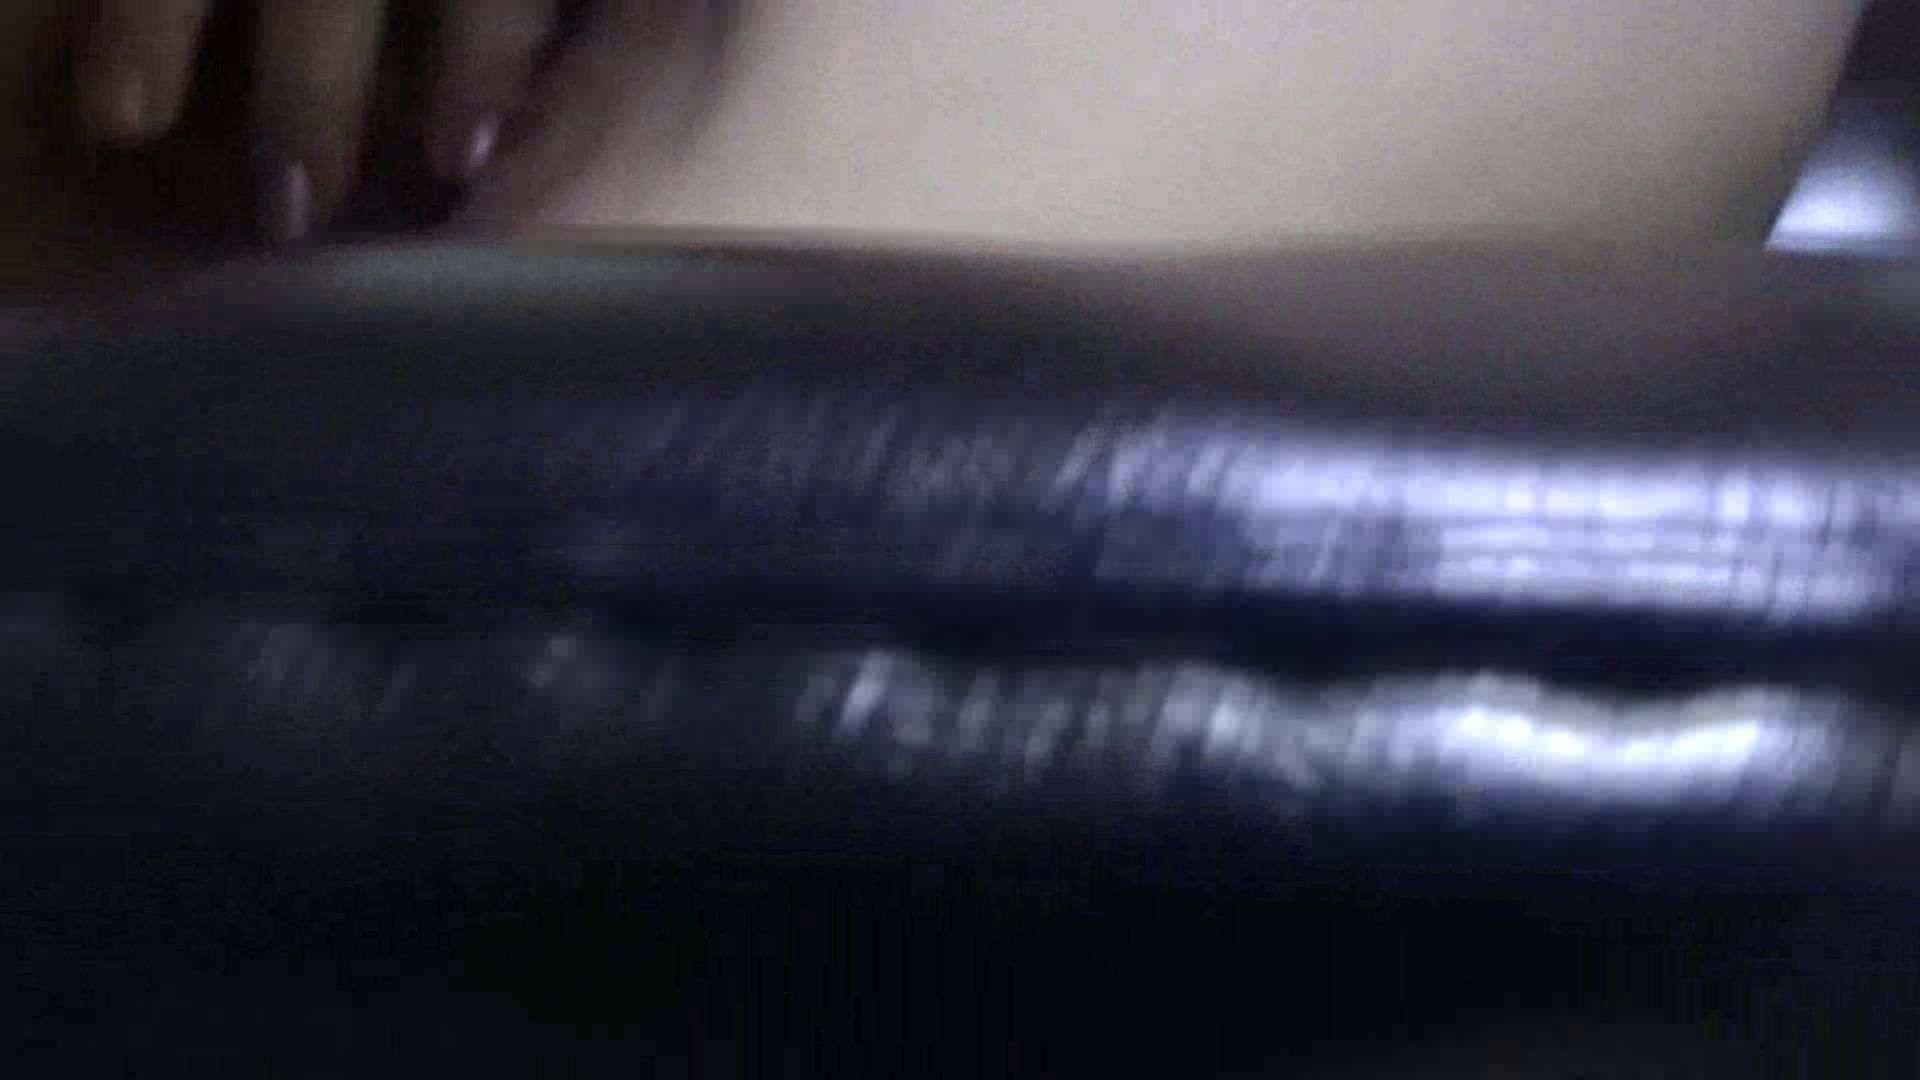 S級厳選美女ビッチガールVol.51 前編 美しいOLの裸体 | モデル  82pic 13